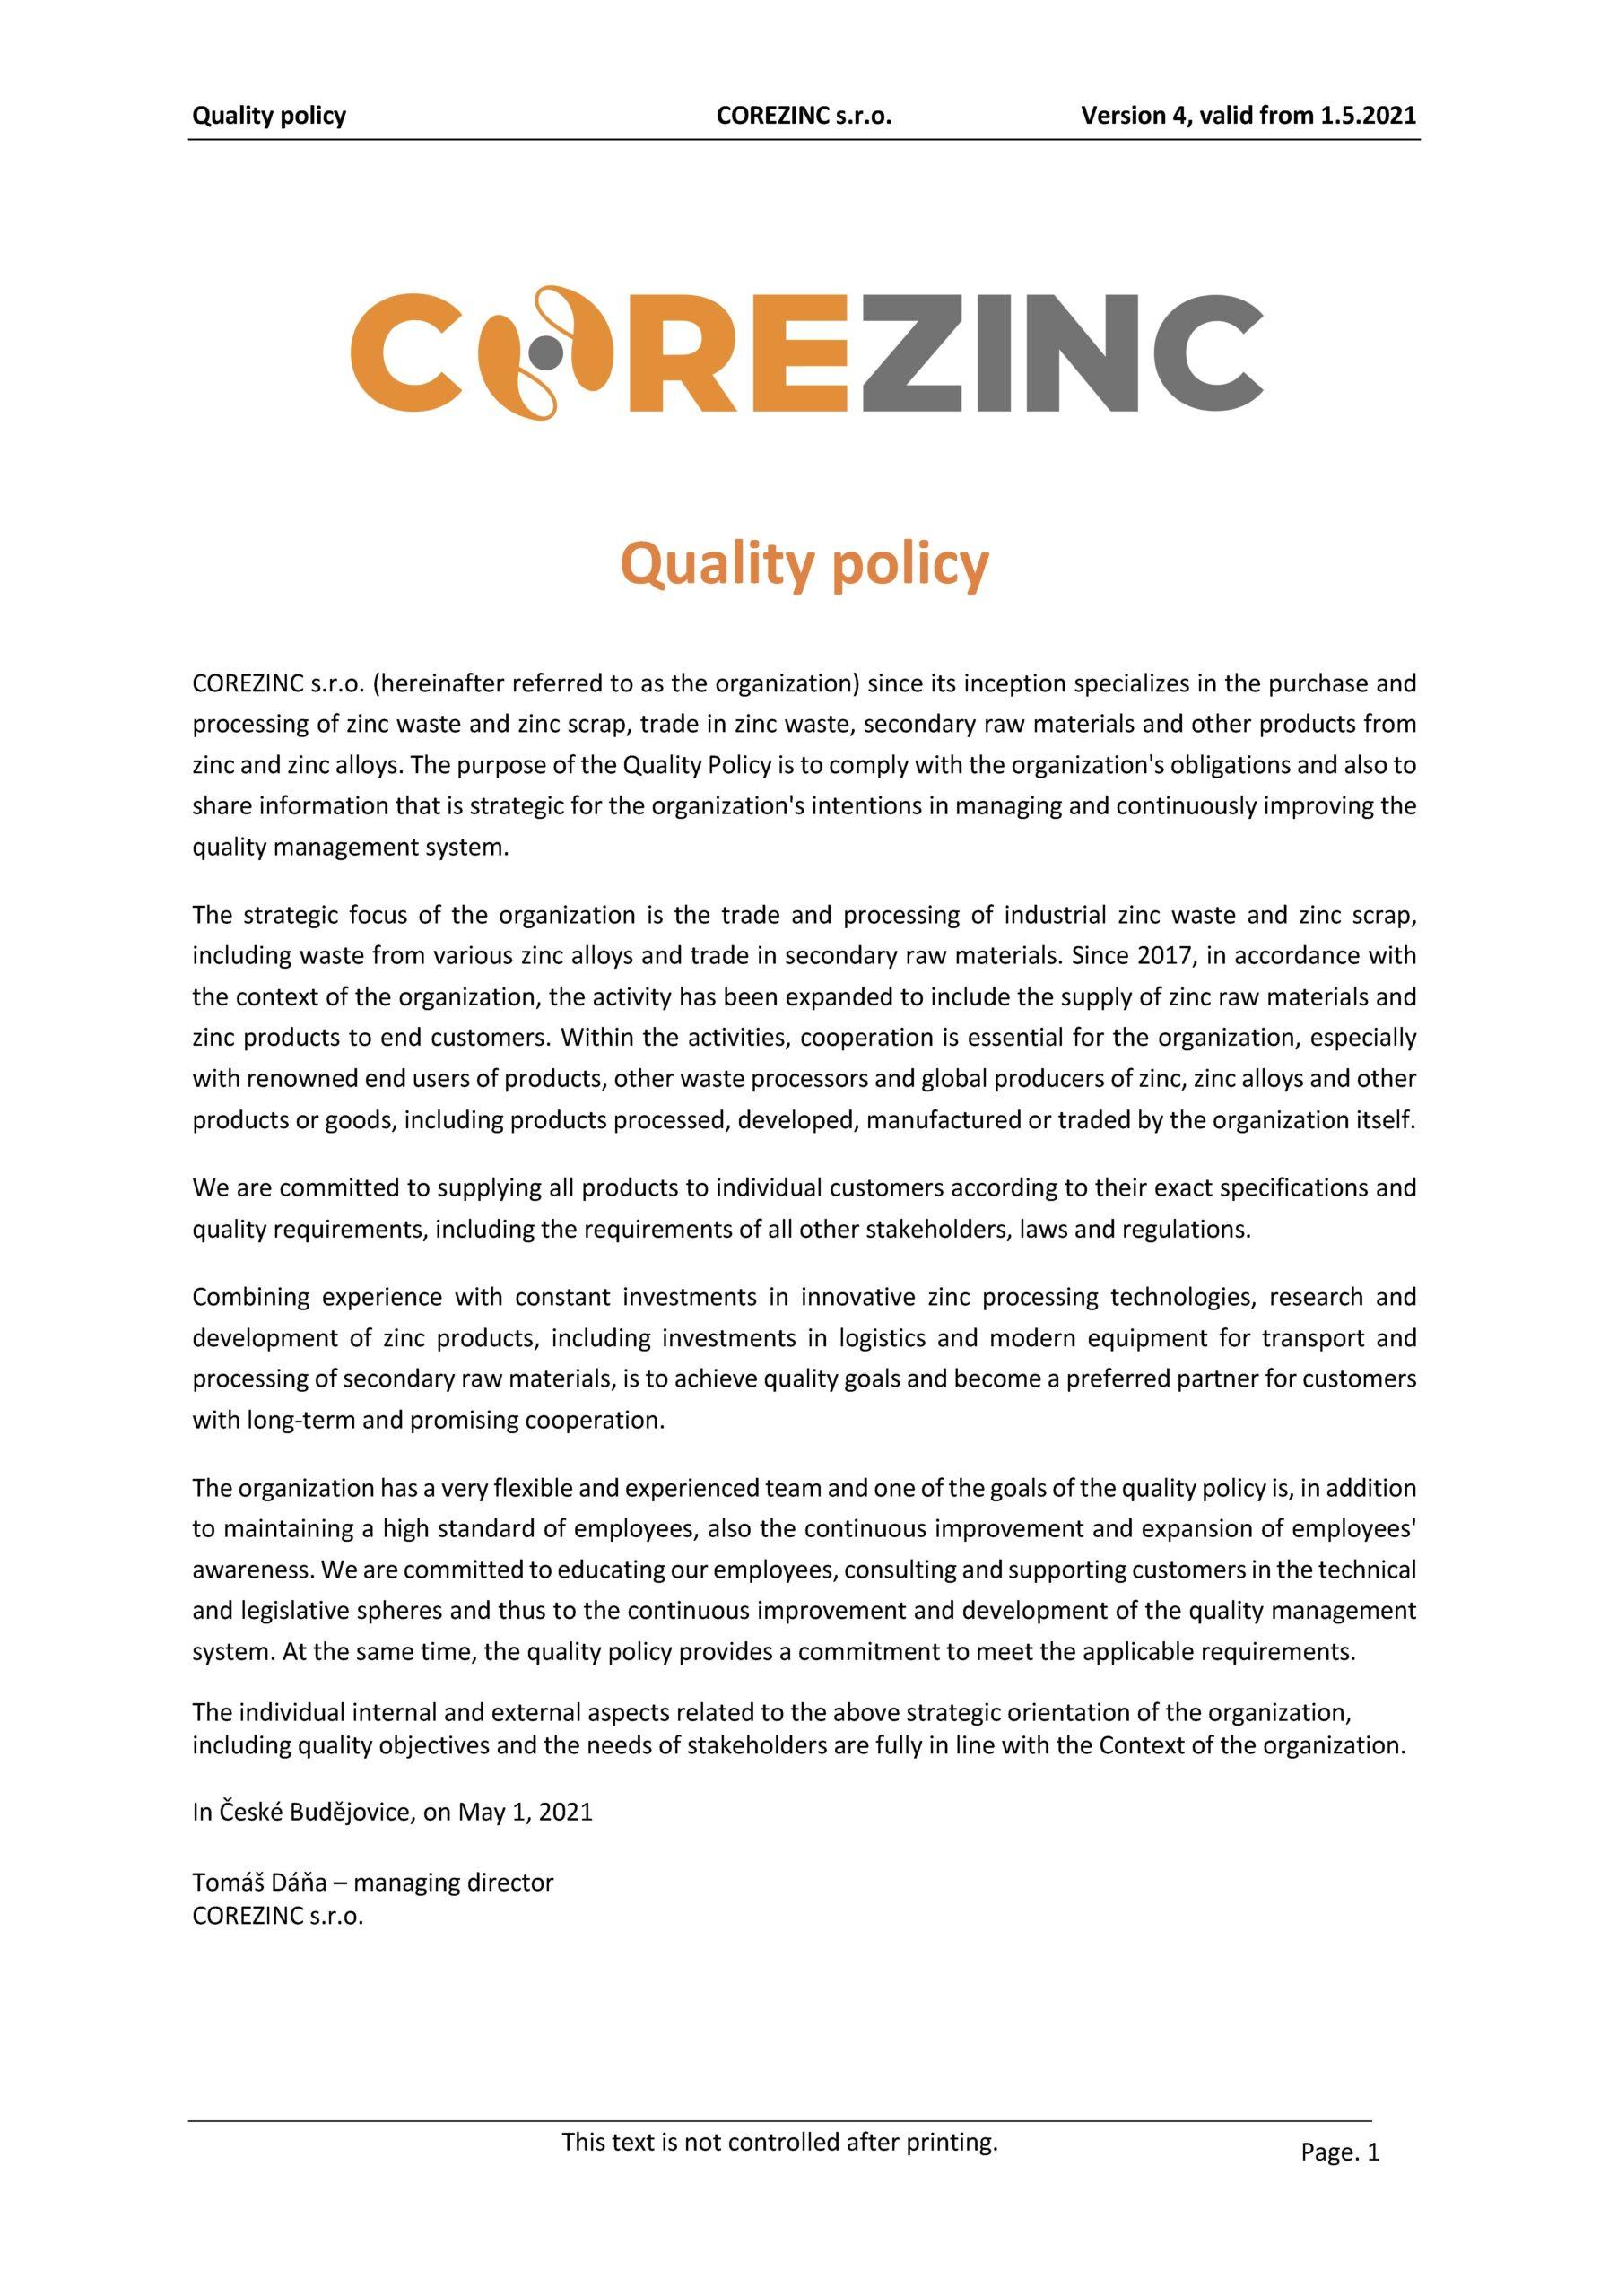 Politika kvality COREZINC 1.5.2021 EN